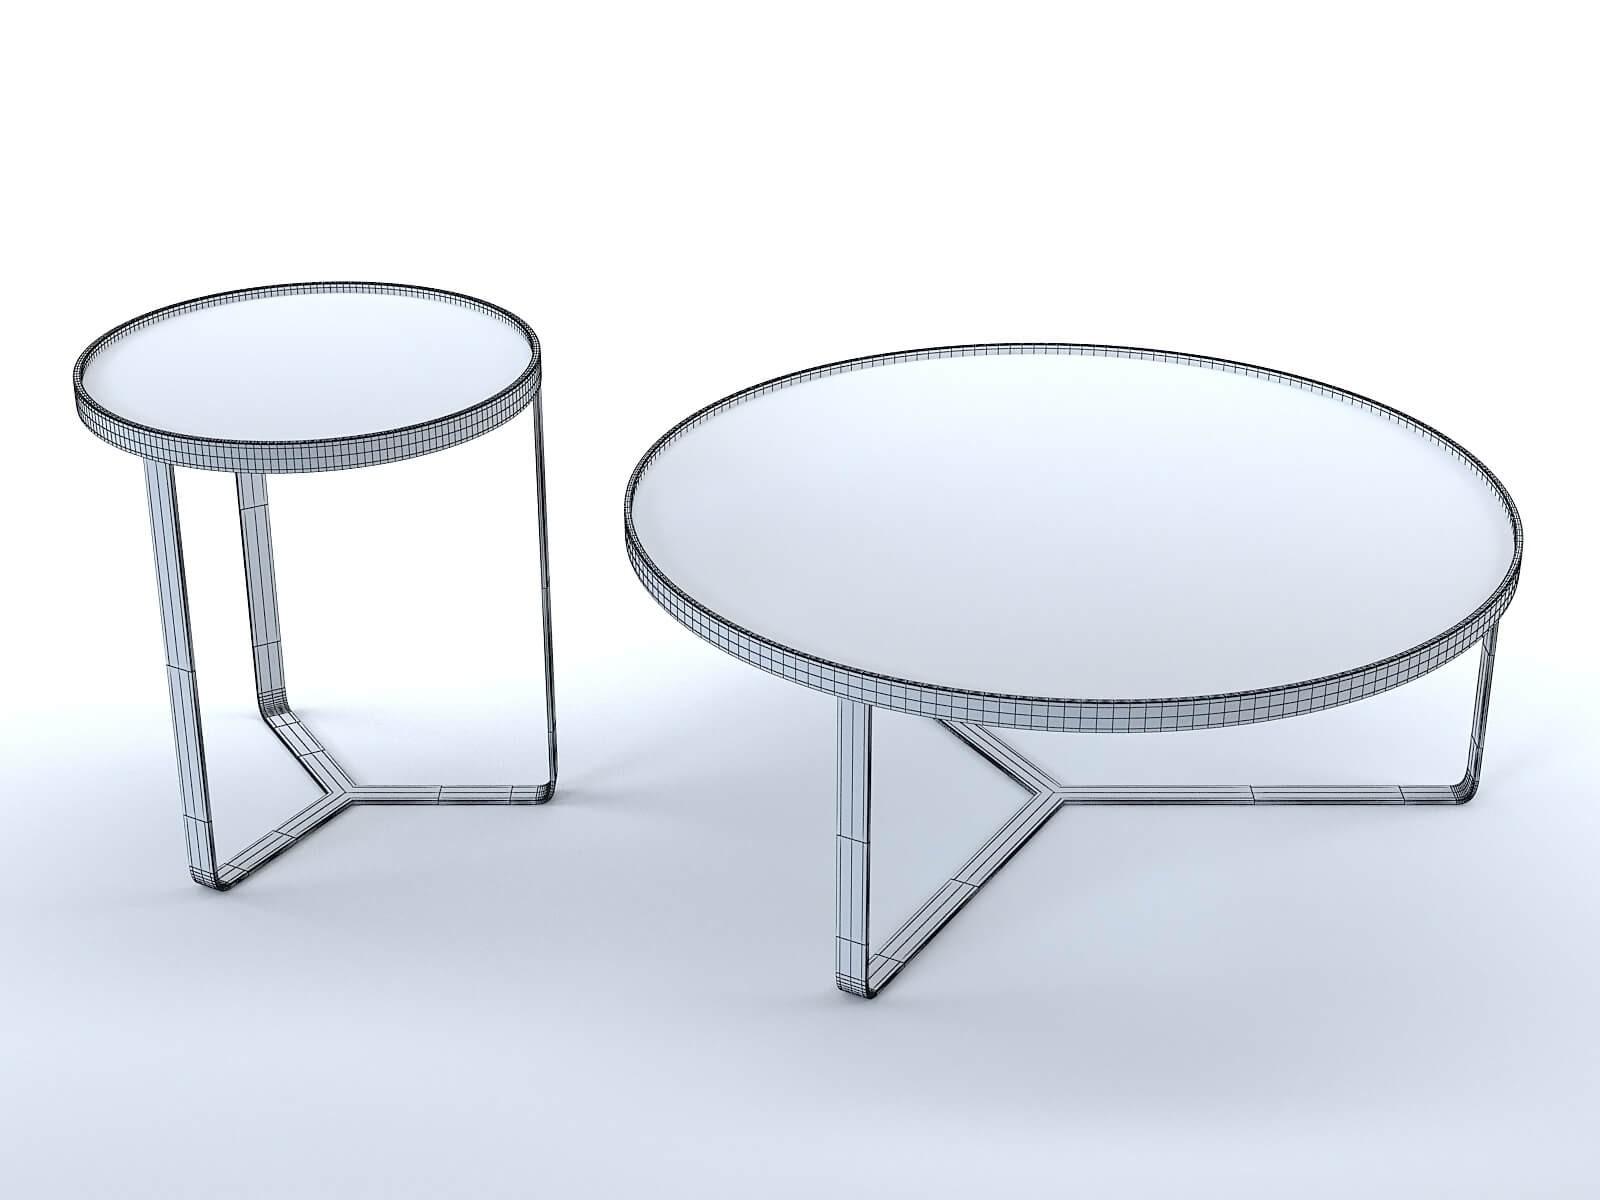 De Tables Modèle Aula Quatre Lot Basses 3d nNm8v0w